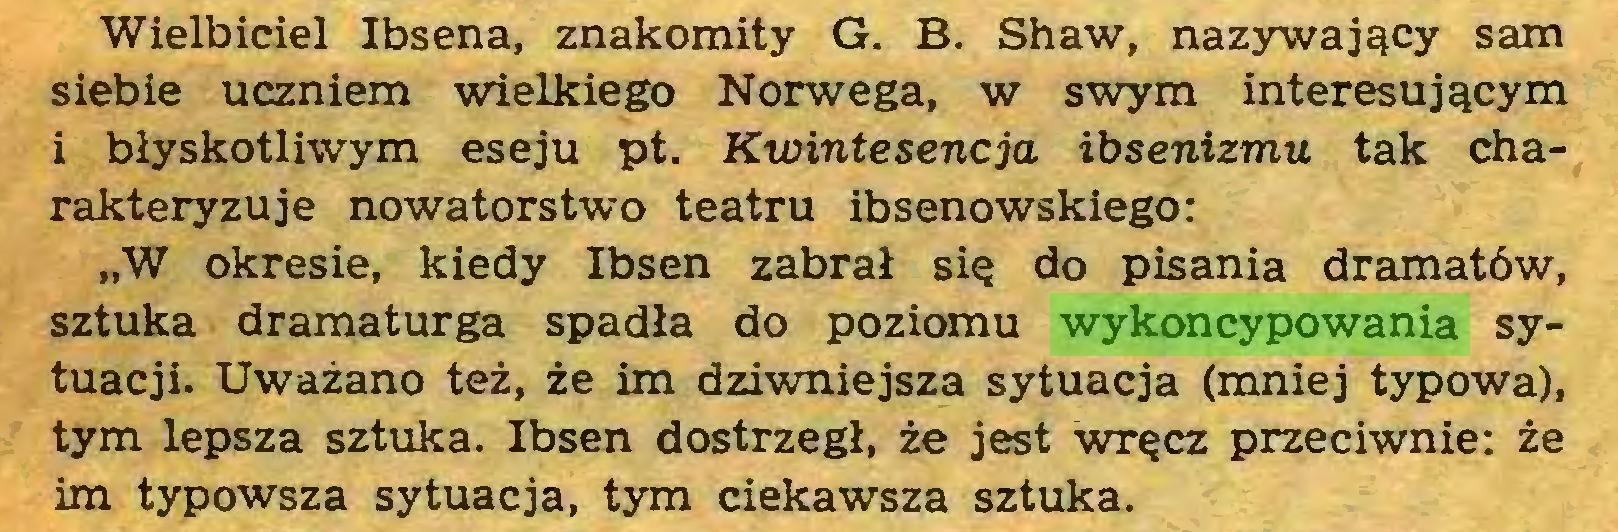 """(...) Wielbiciel Ibsena, znakomity G. B. Shaw, nazywający sam siebie uczniem wielkiego Norwega, w swym interesującym 1 błyskotliwym eseju pt. Kwintesencja ibsenizmu tak charakteryzuje nowatorstwo teatru ibsenowskiego: """"W okresie, kiedy Ibsen zabrał się do pisania dramatów, sztuka dramaturga spadła do poziomu wykoncypowania sytuacji. Uważano też, że im dziwniejsza sytuacja (mniej typowa), tym lepsza sztuka. Ibsen dostrzegł, że jest wręcz przeciwnie: że im typowsza sytuacja, tym ciekawsza sztuka..."""